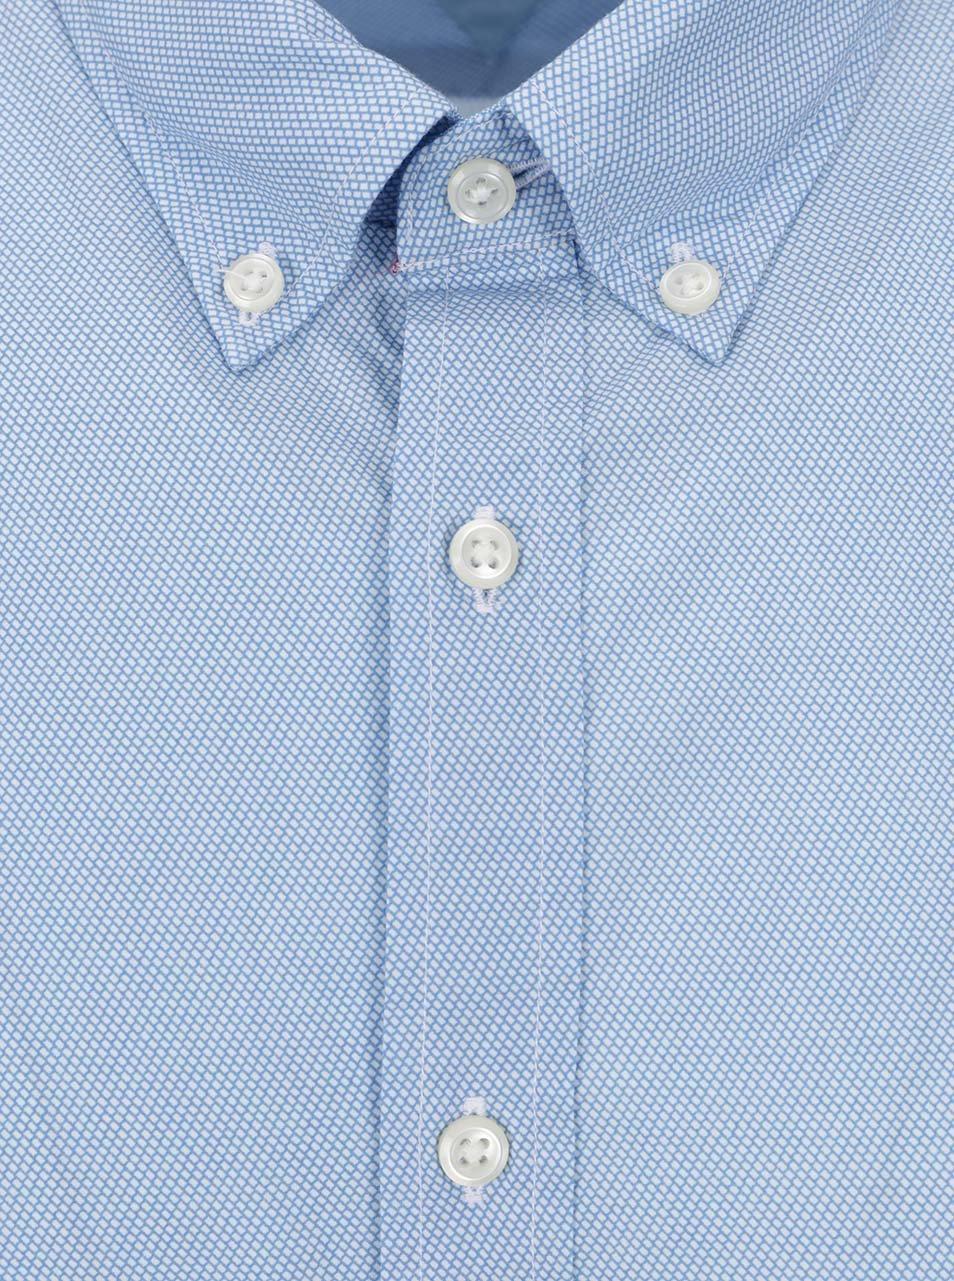 c23b27a9548 Světle modrá pánská vzorovaná košile s krátkým rukávem Tommy Hilfiger ...